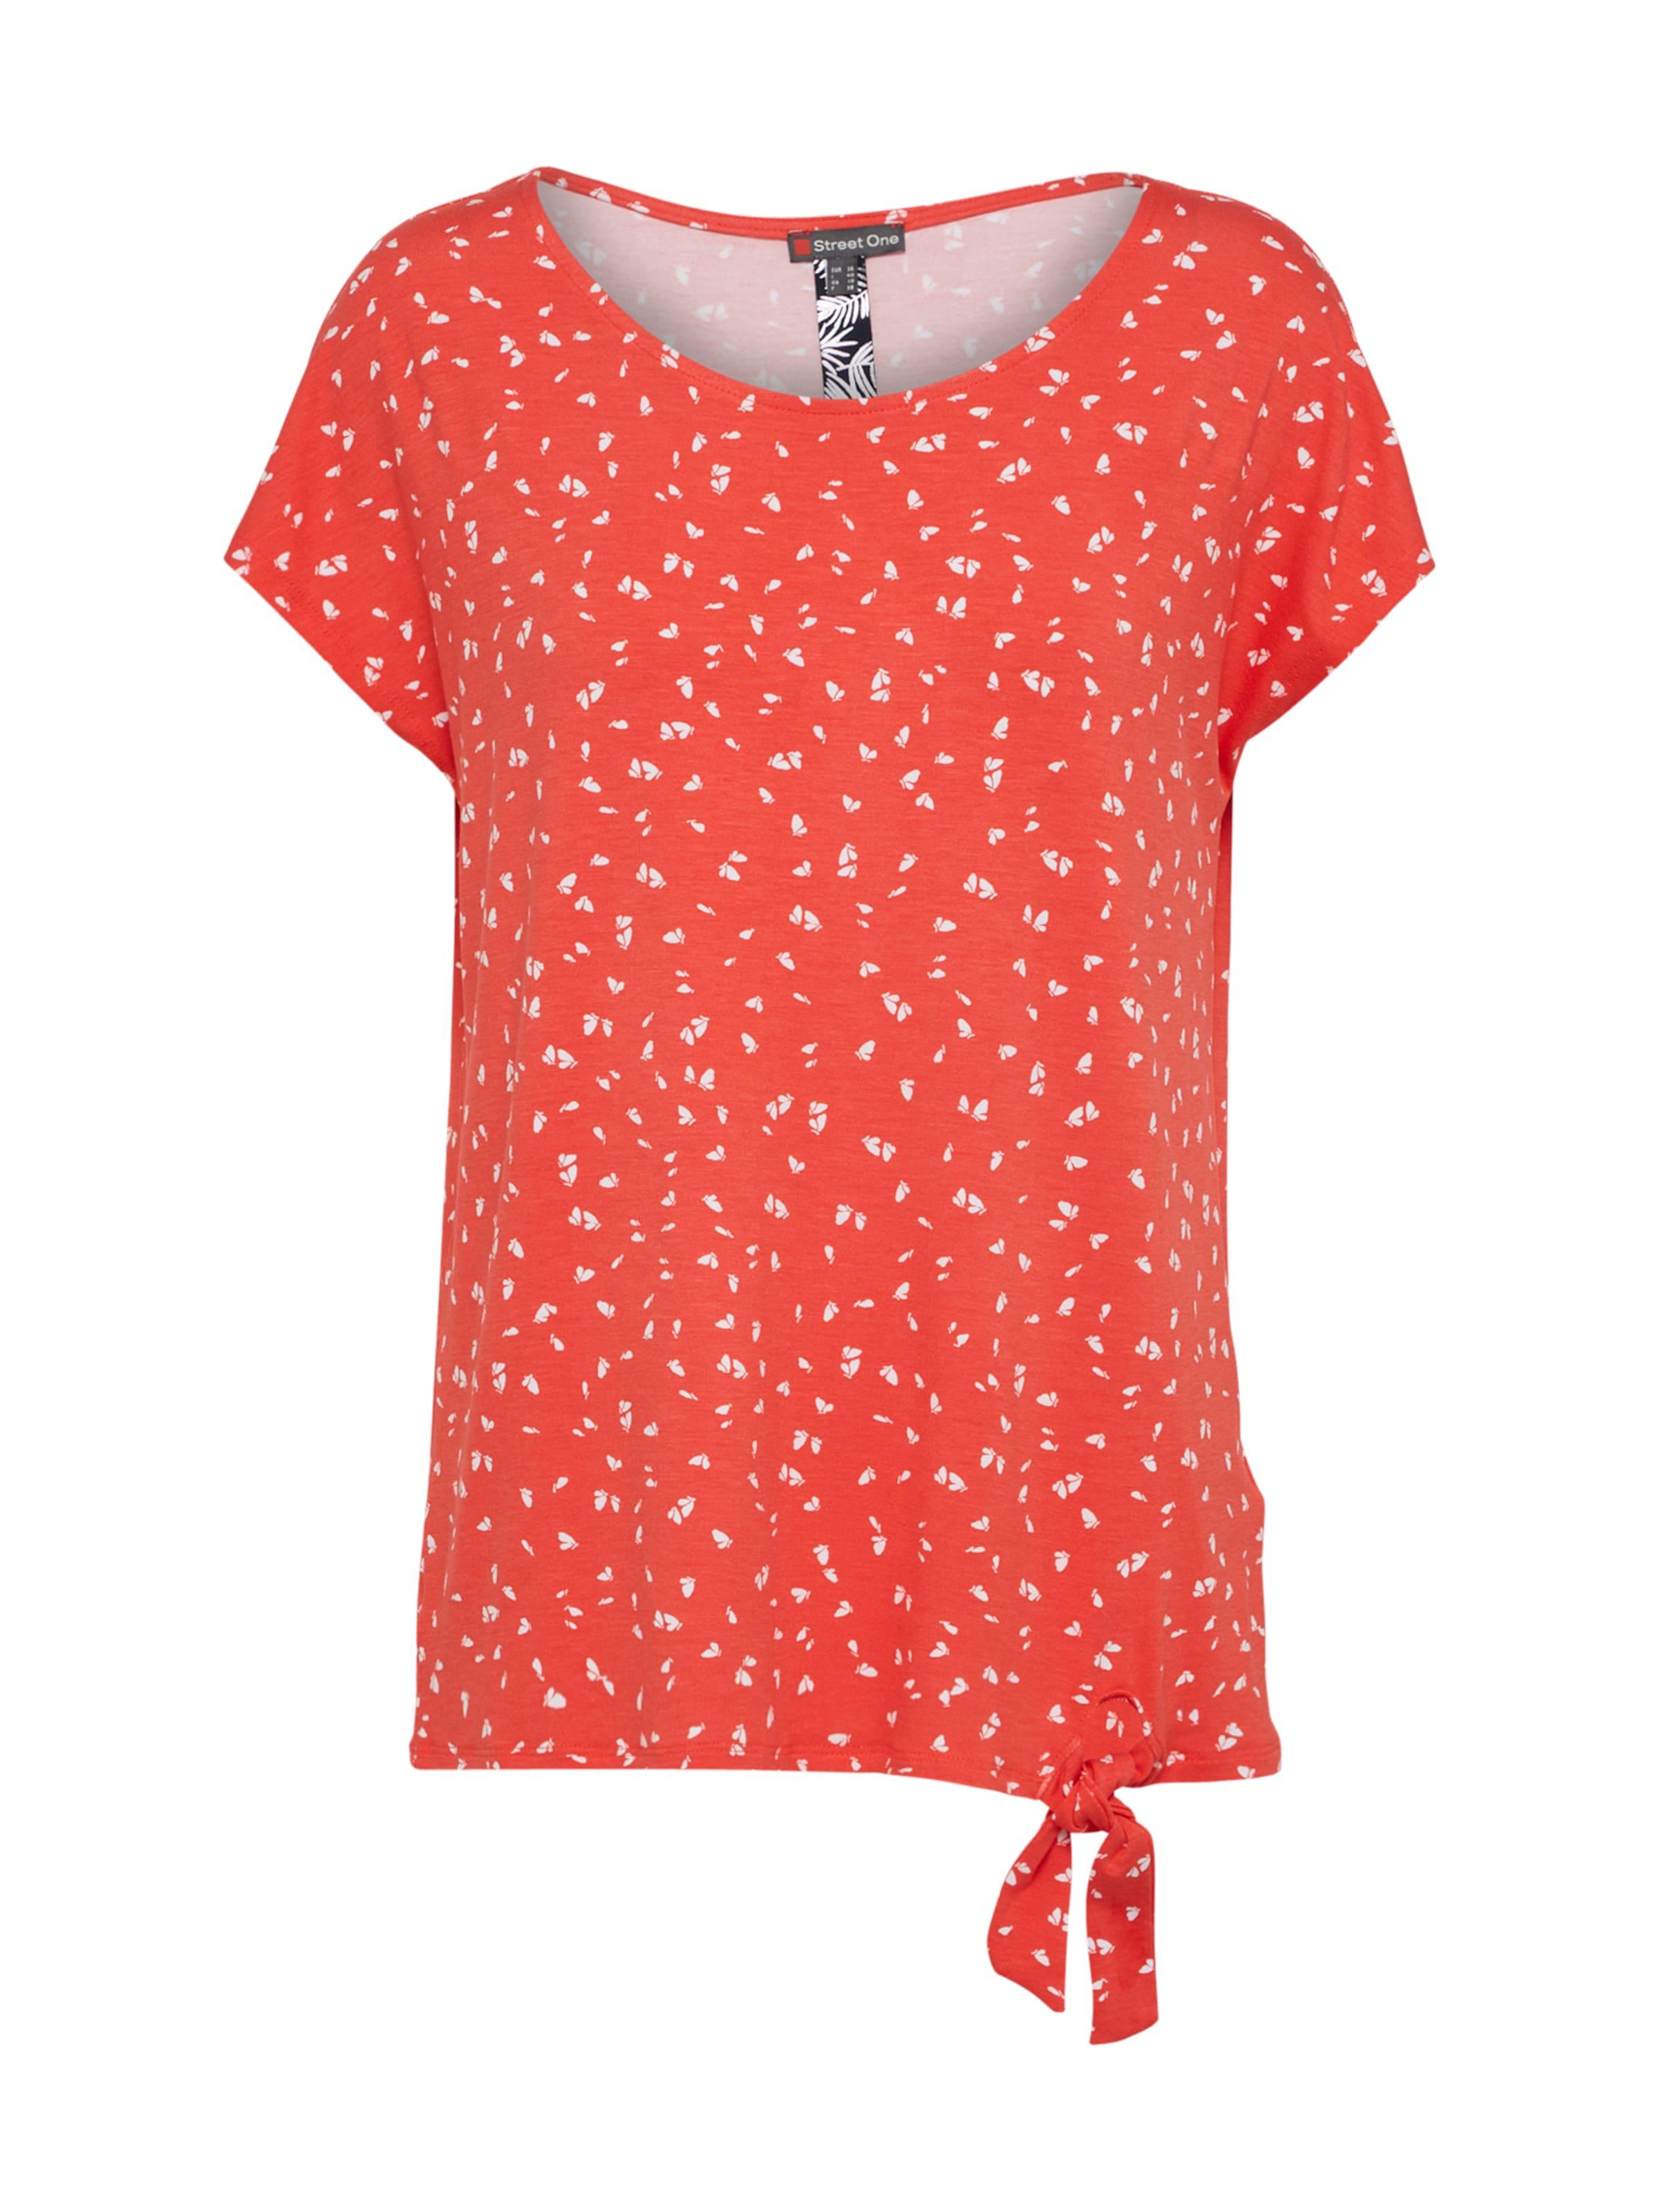 In One OrangerotWeiß T Street Shirt If6gvYbm7y